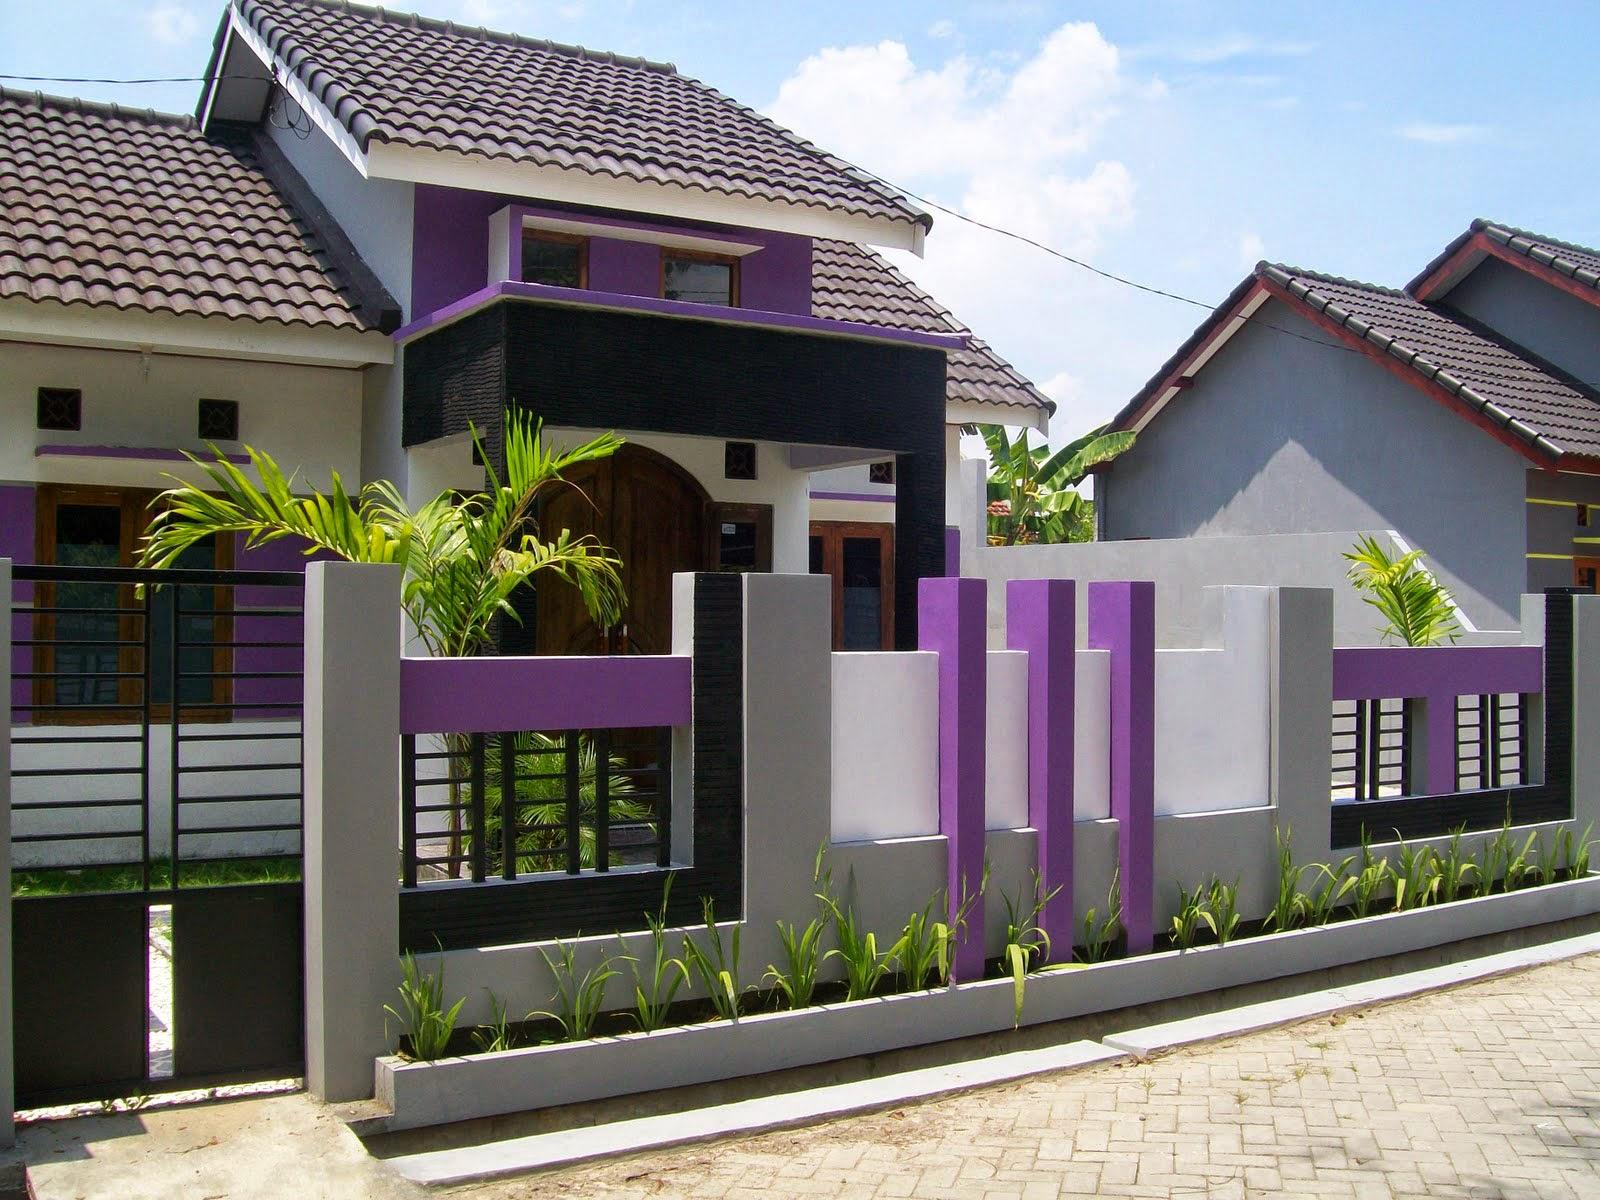 40 Model Pagar Rumah Tertutup Shreenad Home